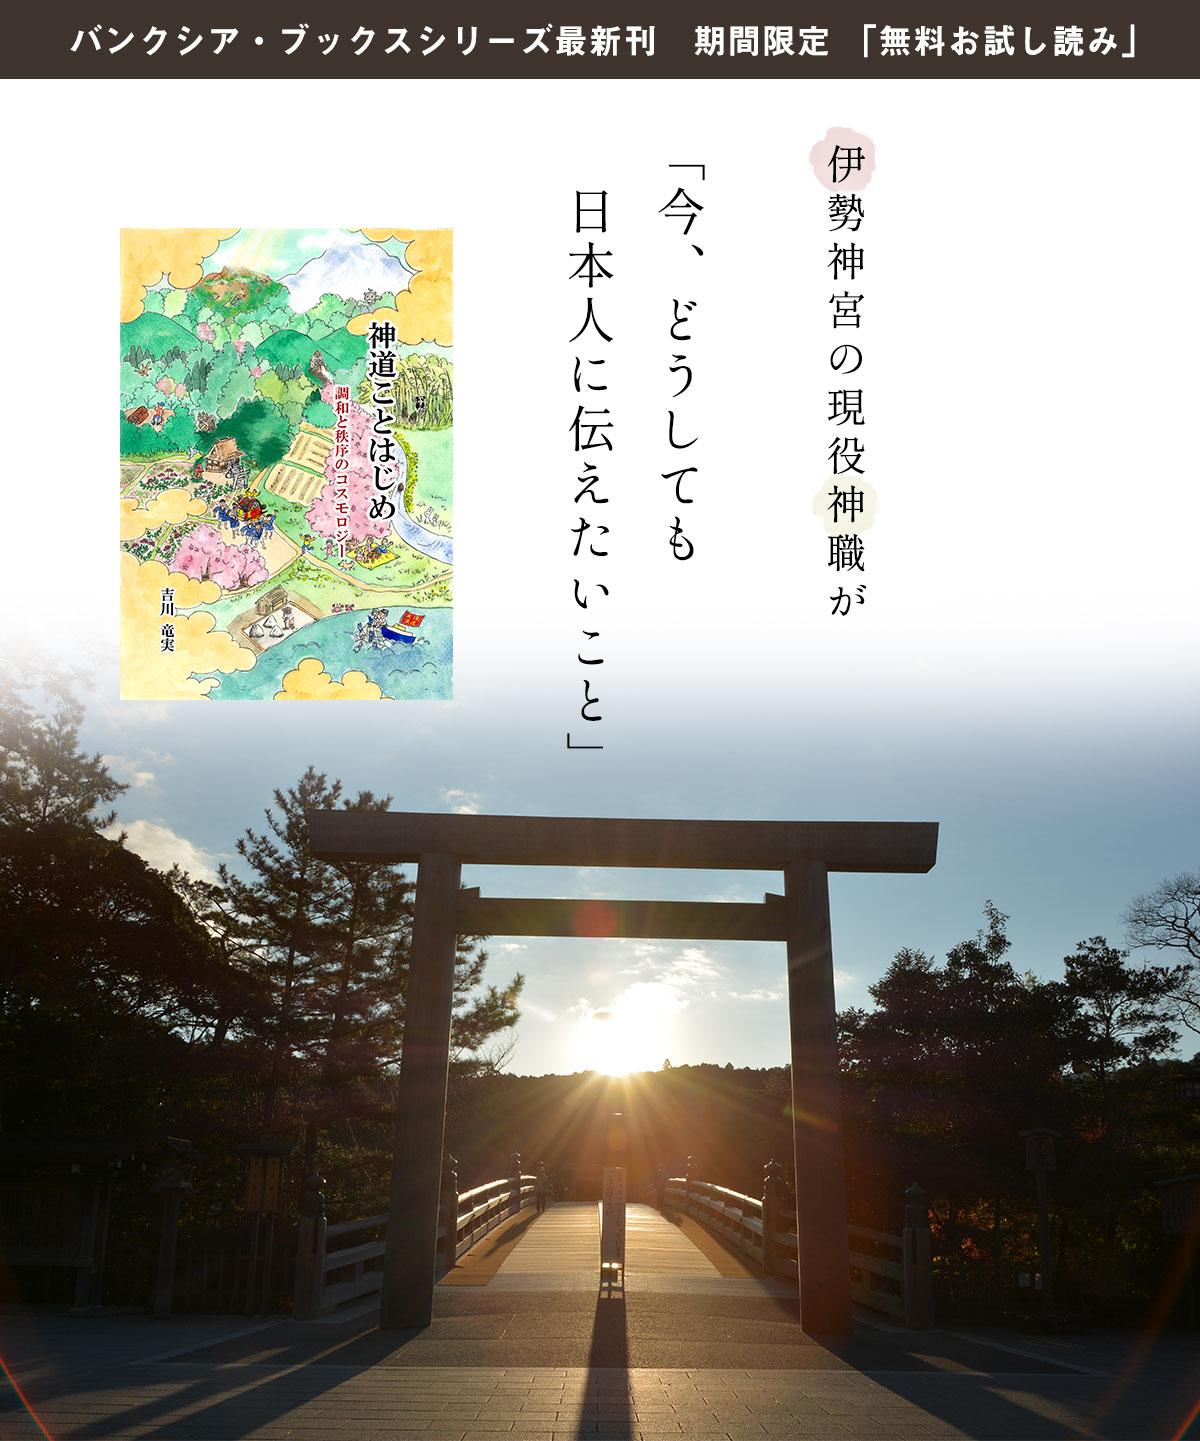 バンクシア ブックス - 神道ことはじめ - トータルヘルスデザイン